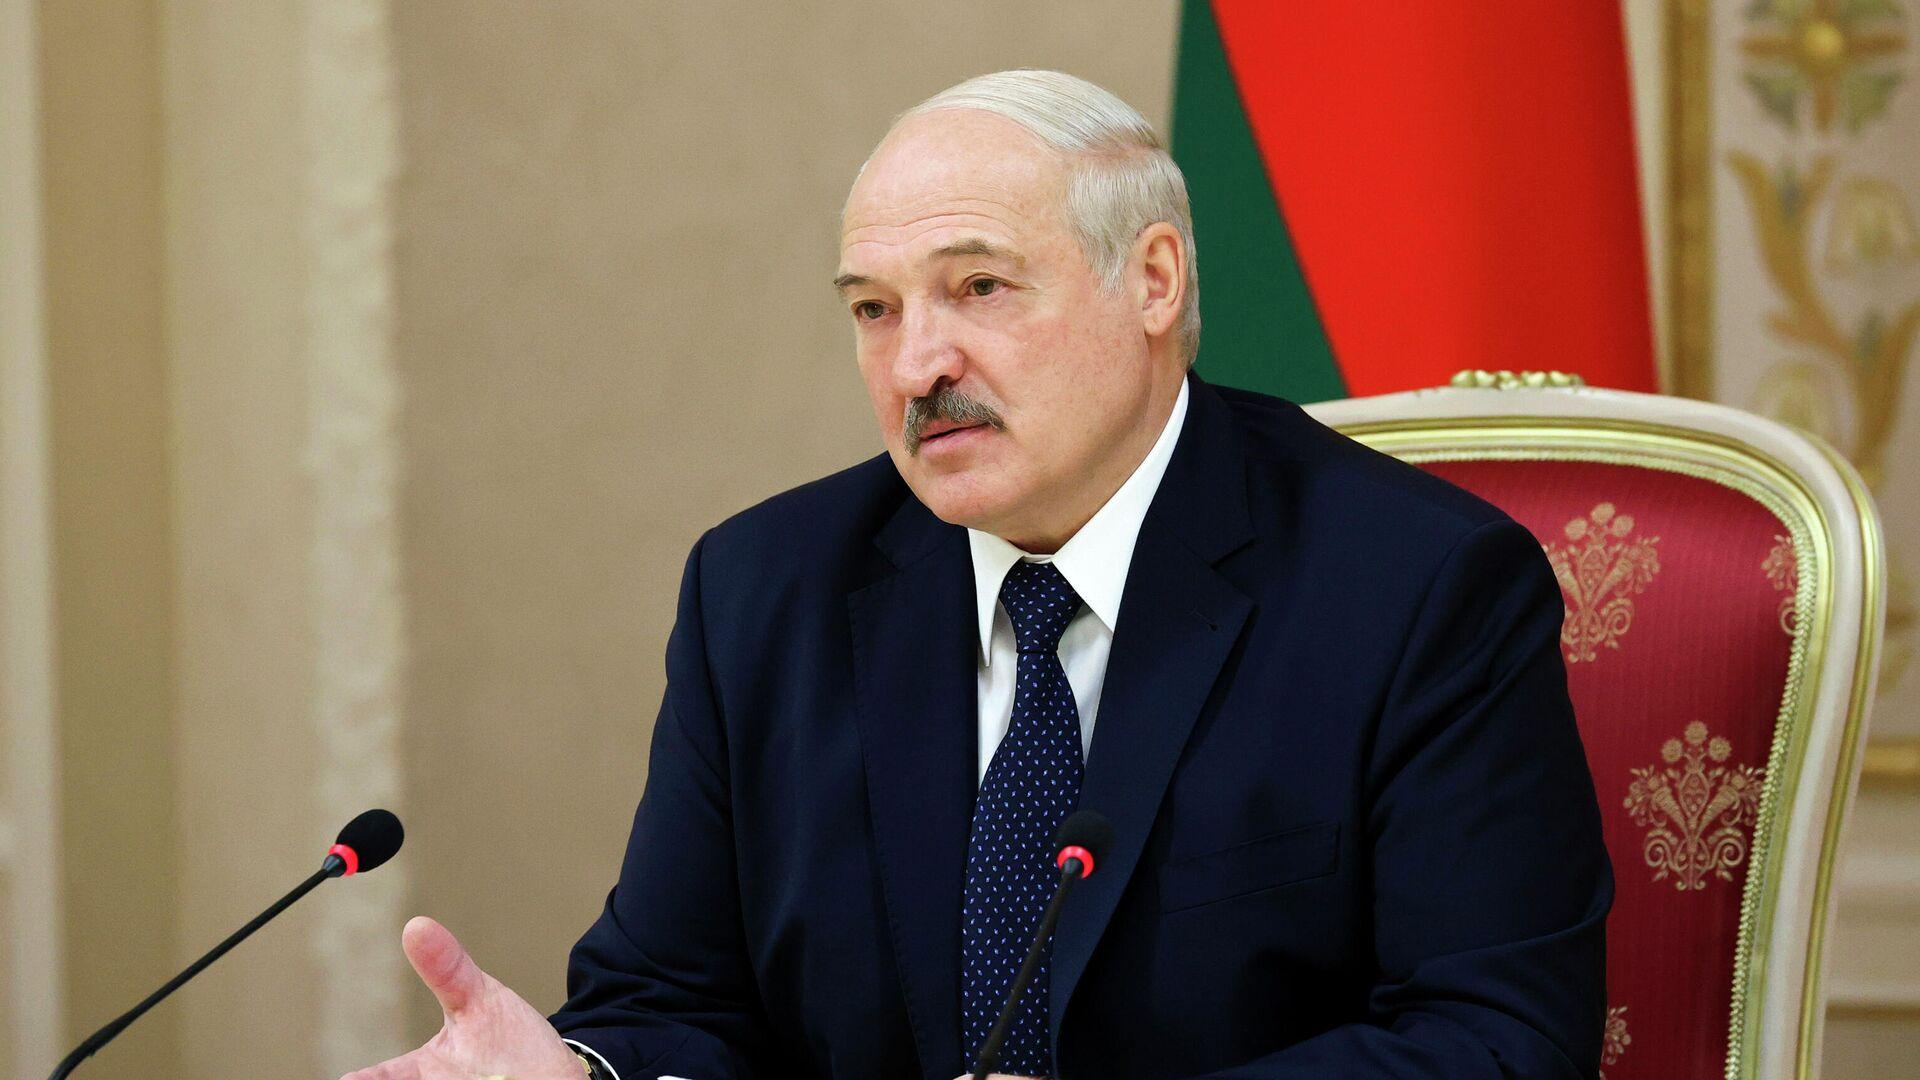 Президент Белоруссии Александр Лукашенко  - РИА Новости, 1920, 24.11.2020